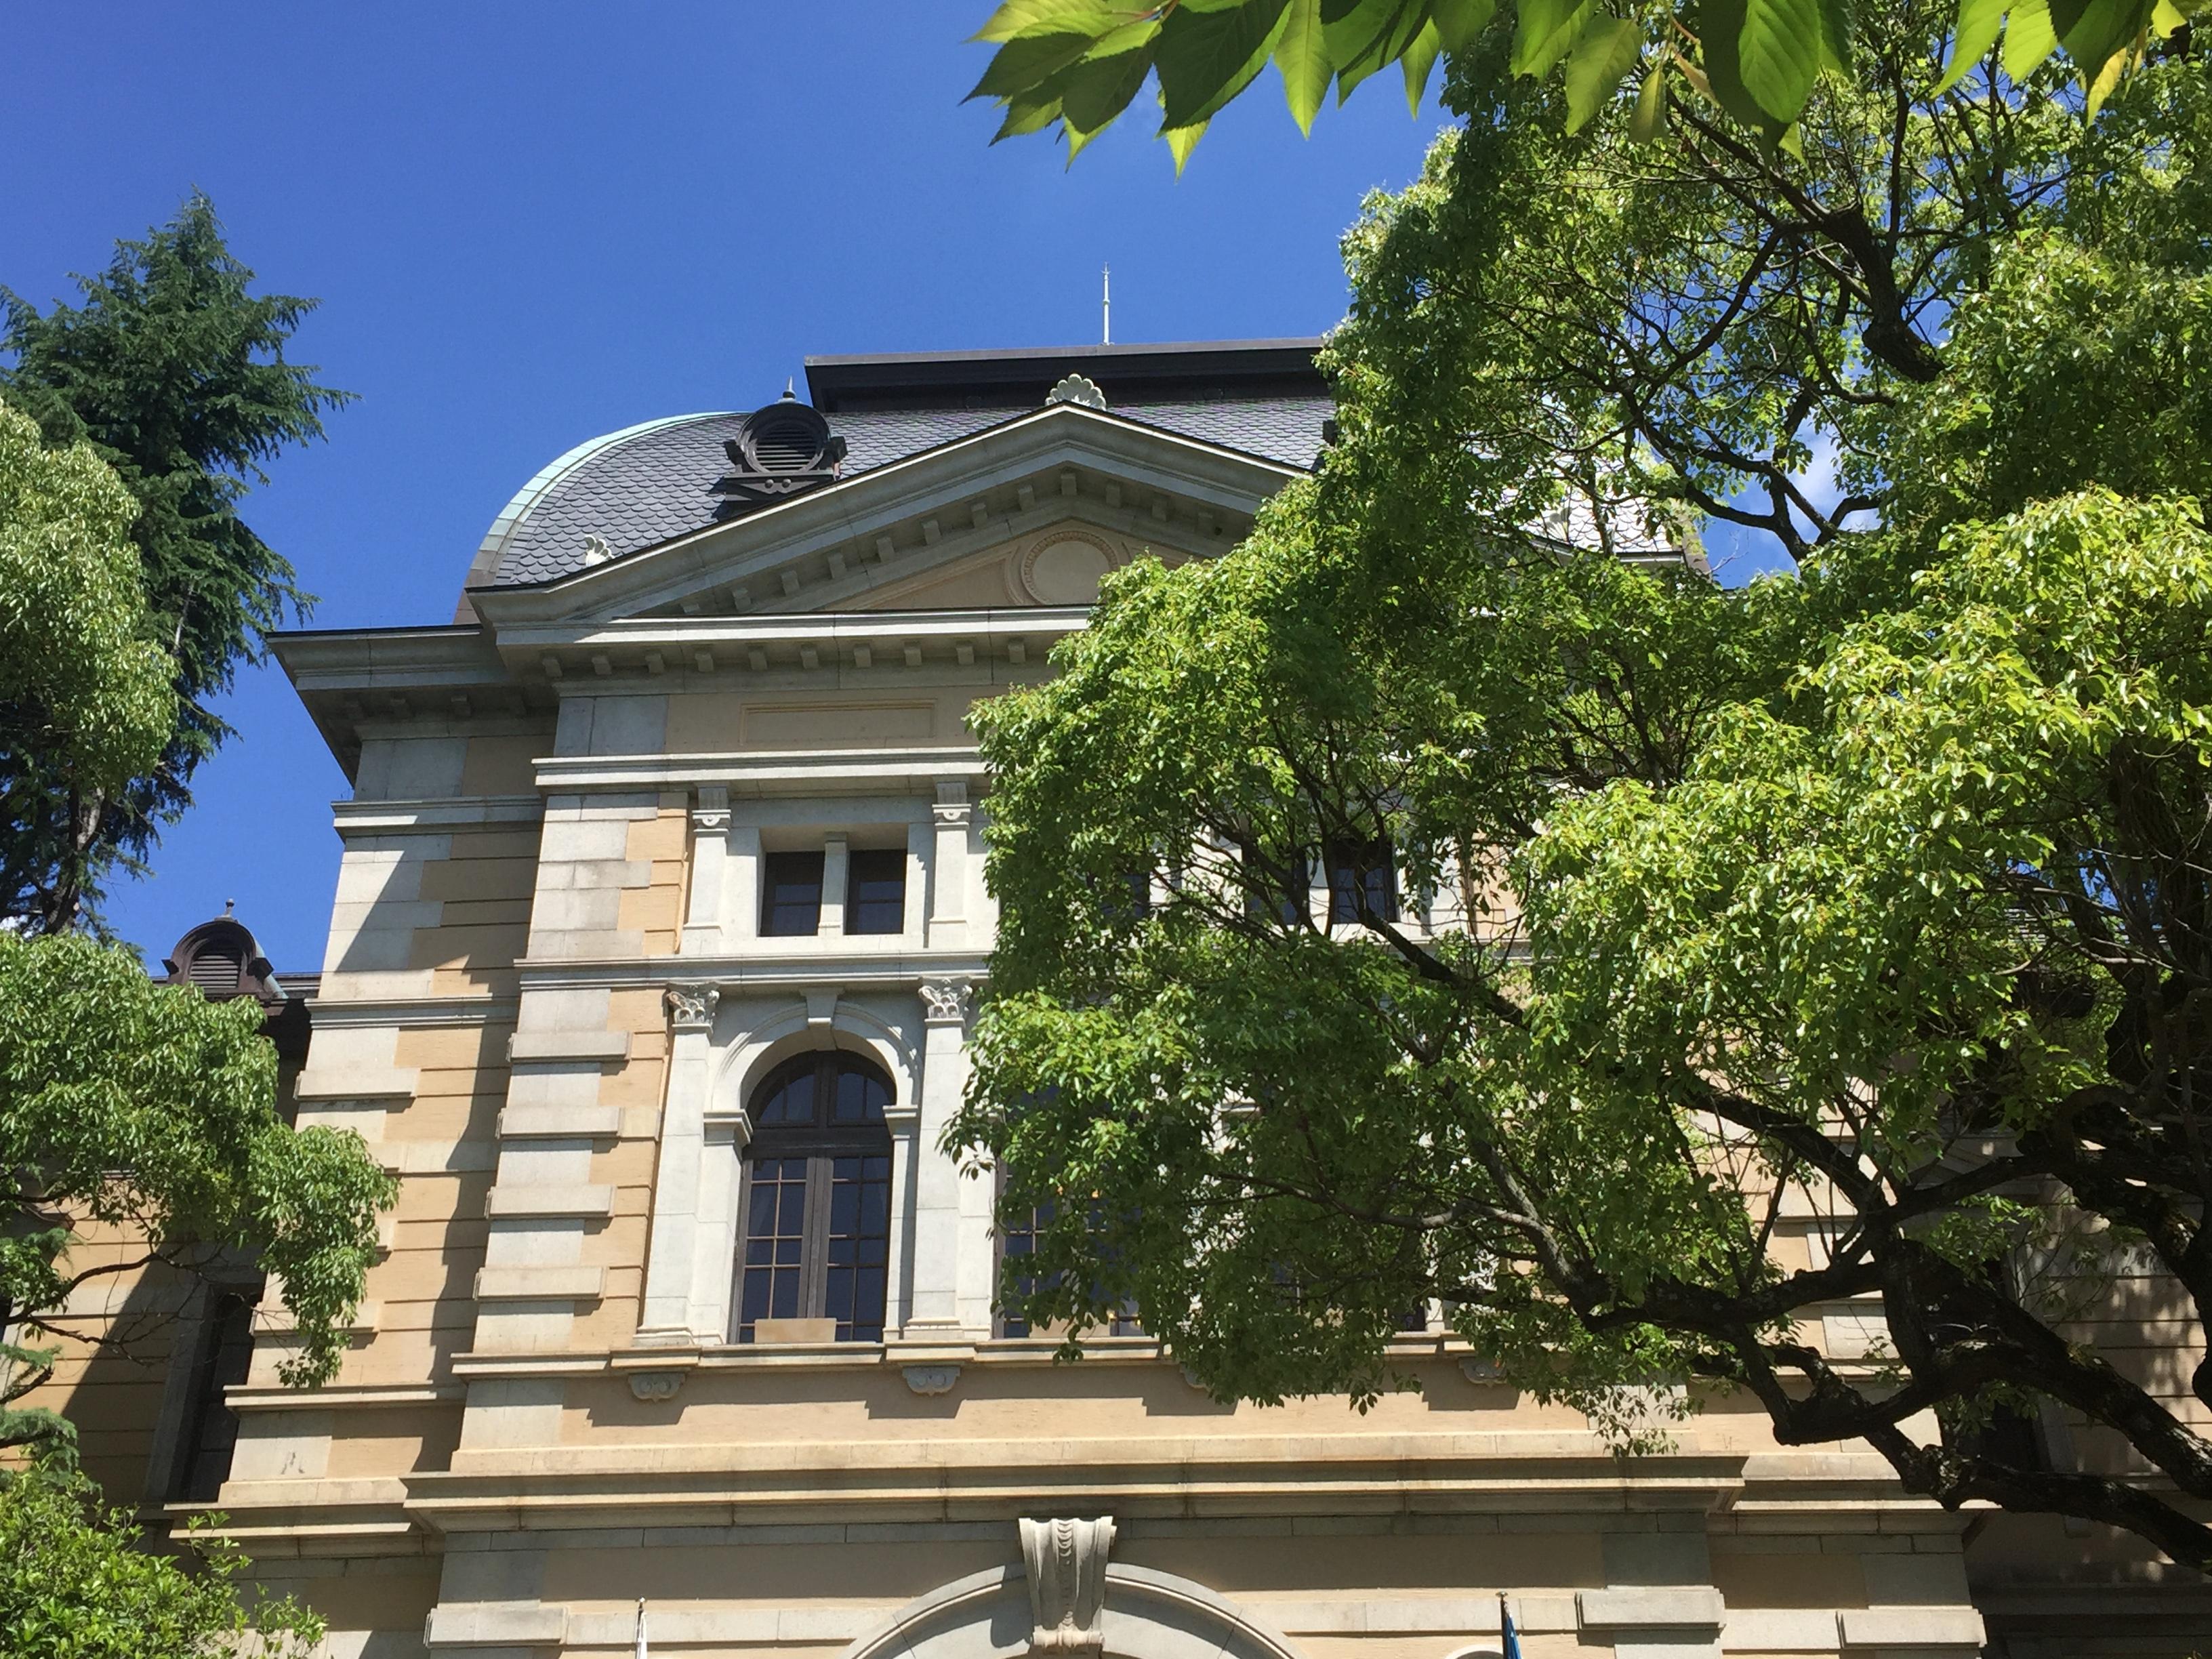 神戸・元町にある「兵庫県公館」の一般公開に参加してみた!【近代建築めぐり】